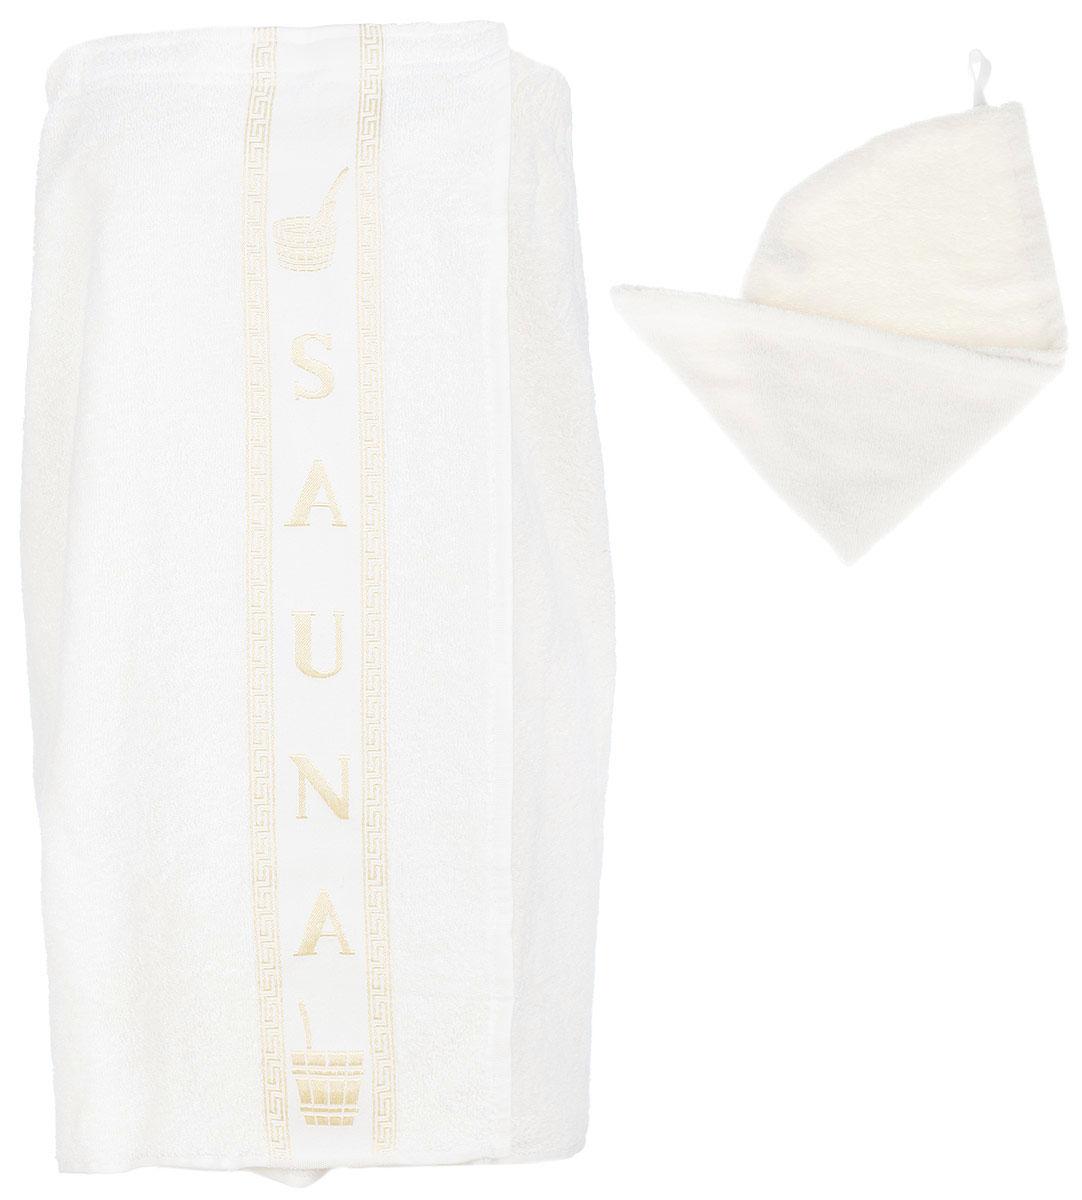 Набор для бани и сауны Arya, женский, цвет: кремовый, 2 предметаF0003858_кремовыйЖенский набор для бани и сауны Arya, выполненный из 100% хлопка, состоит из парео и чалмы для головы. Банное парео - это многофункциональное полотенце специального покроя с резинкой и липучкой, благодаря которым вы сами регулируете размер. Чалма - незаменимая вещь, которая позволит защитить голову и волосы от жара парной. Ее можно использовать в качестве полотенца. Изделия необычайно мягкие, с плотной невысокой махрой, обладают удивительной впитываемостью влаги - до 80%. После многократной стирки, изделия не теряют своей яркости и мягкости, благодаря специальной технологии окраски и качественной махровой ткани. Размер парео: 75 х 150 см. Размер чалмы: 55 х 24 см.